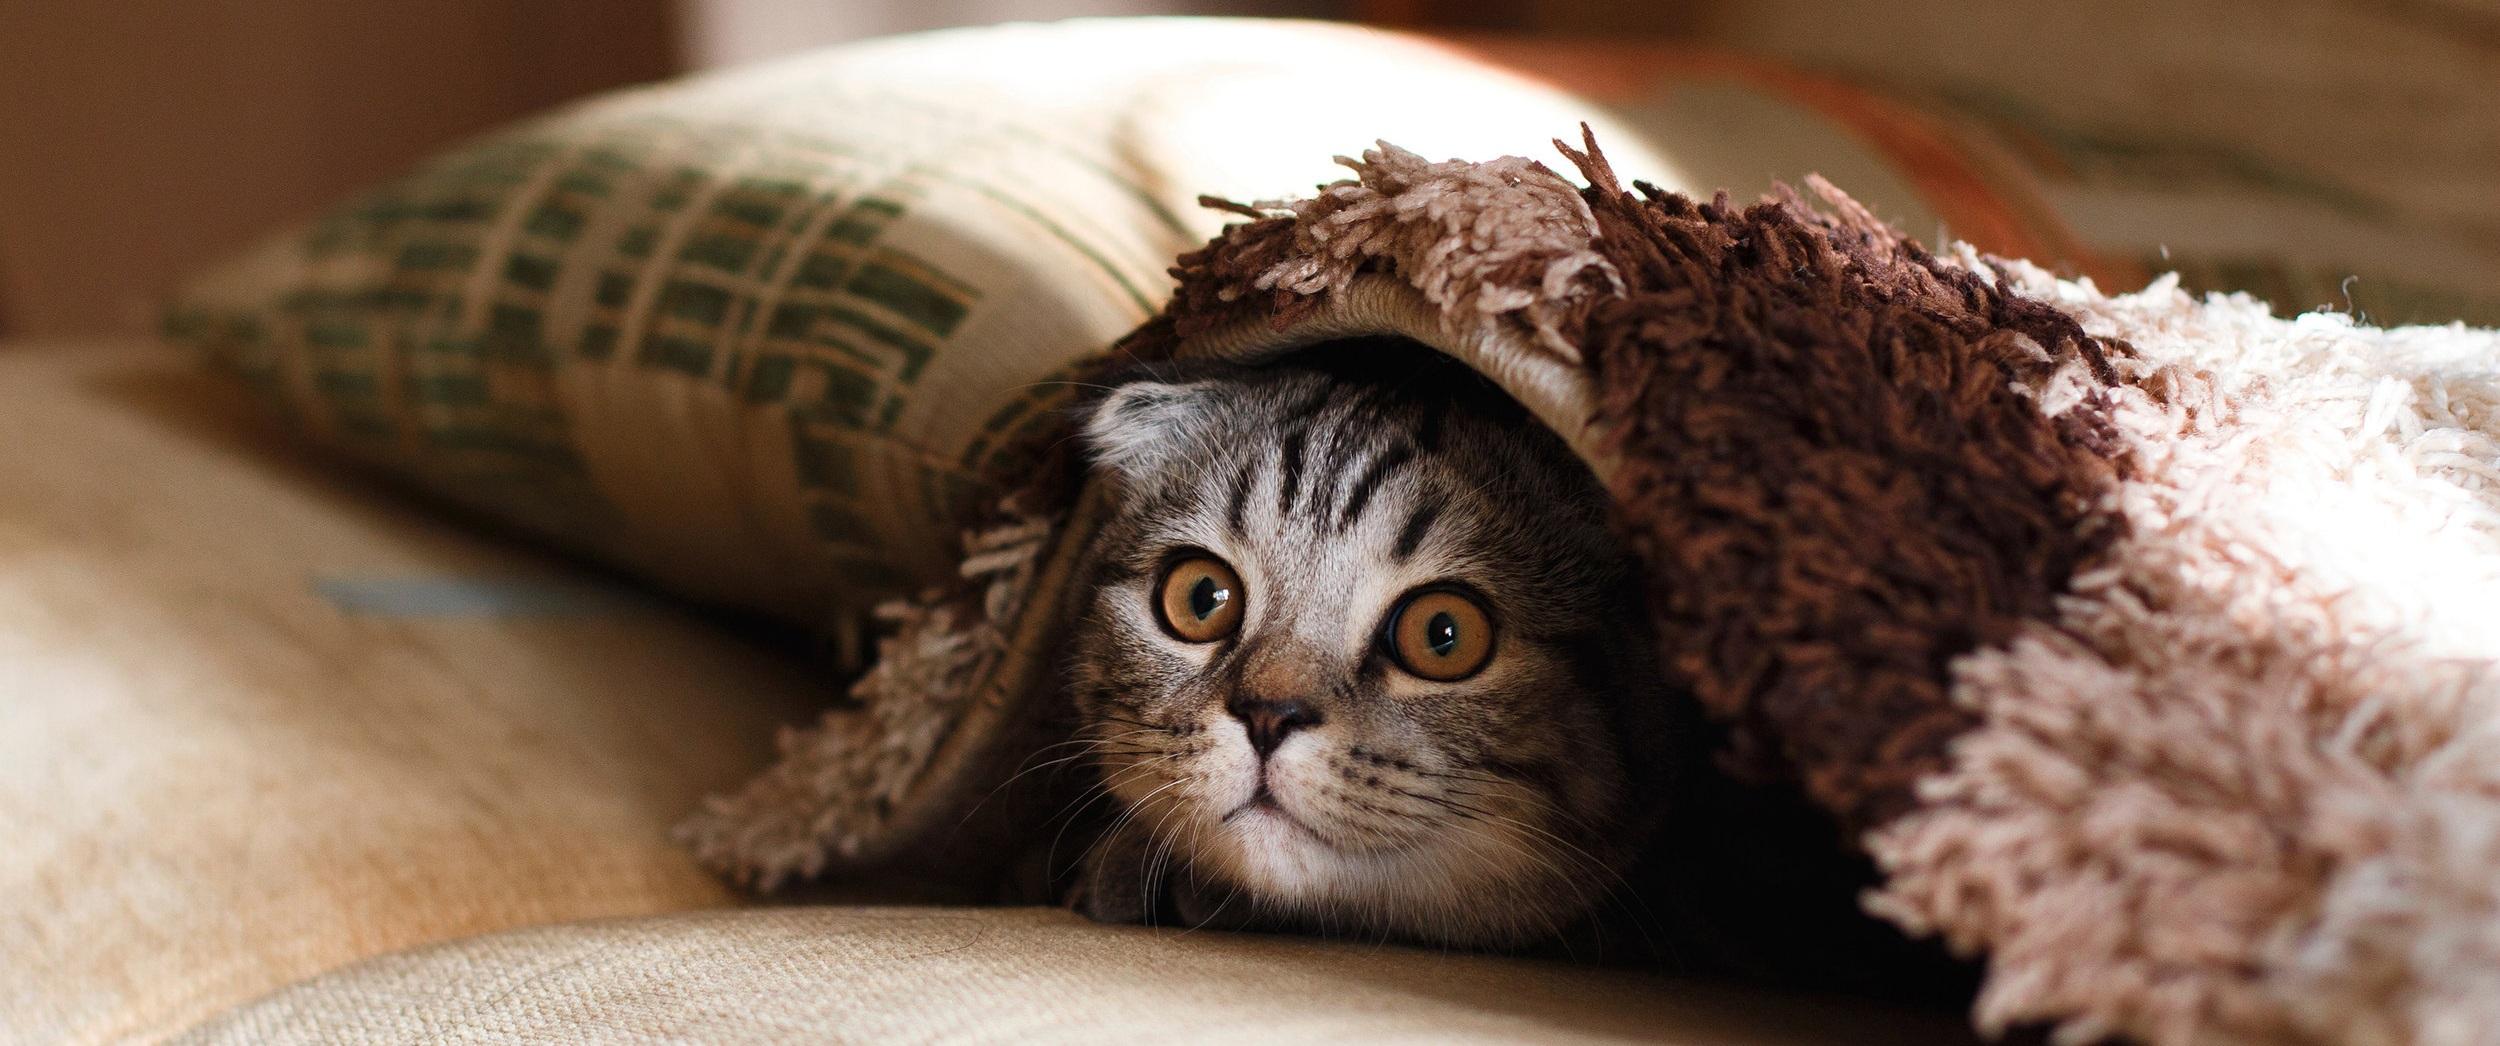 catsitting2.jpg